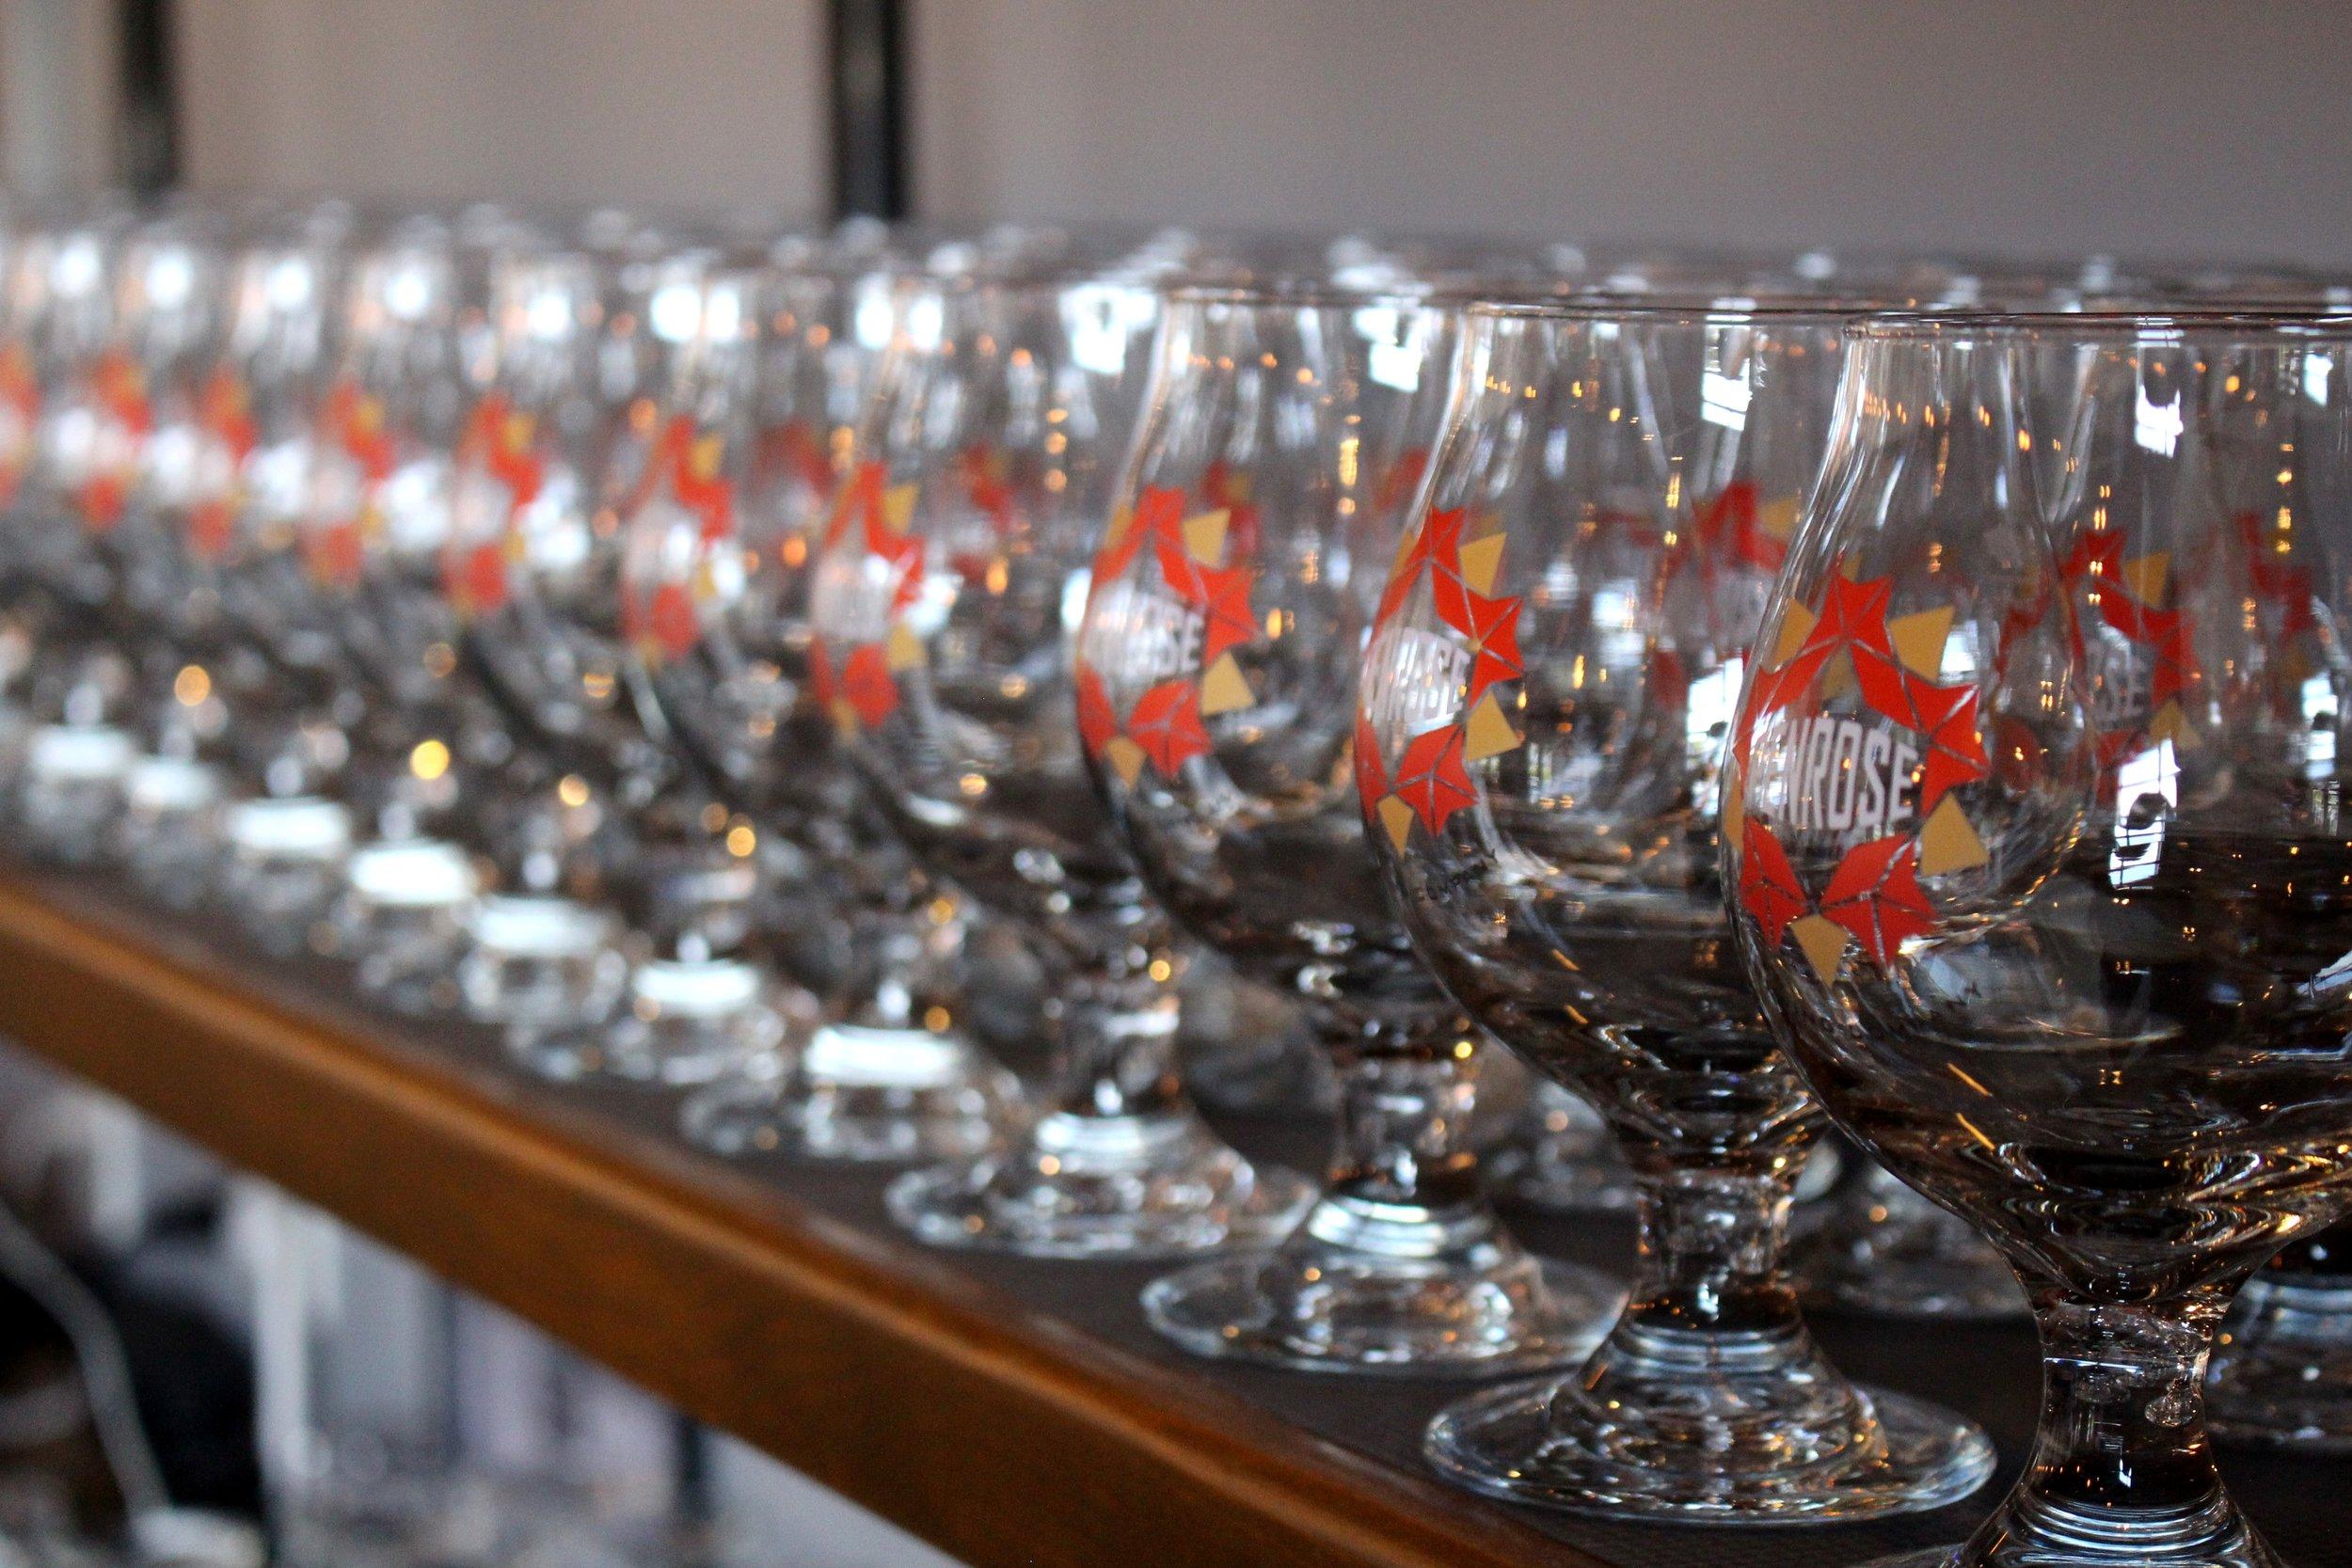 Penrose Beer Glasses